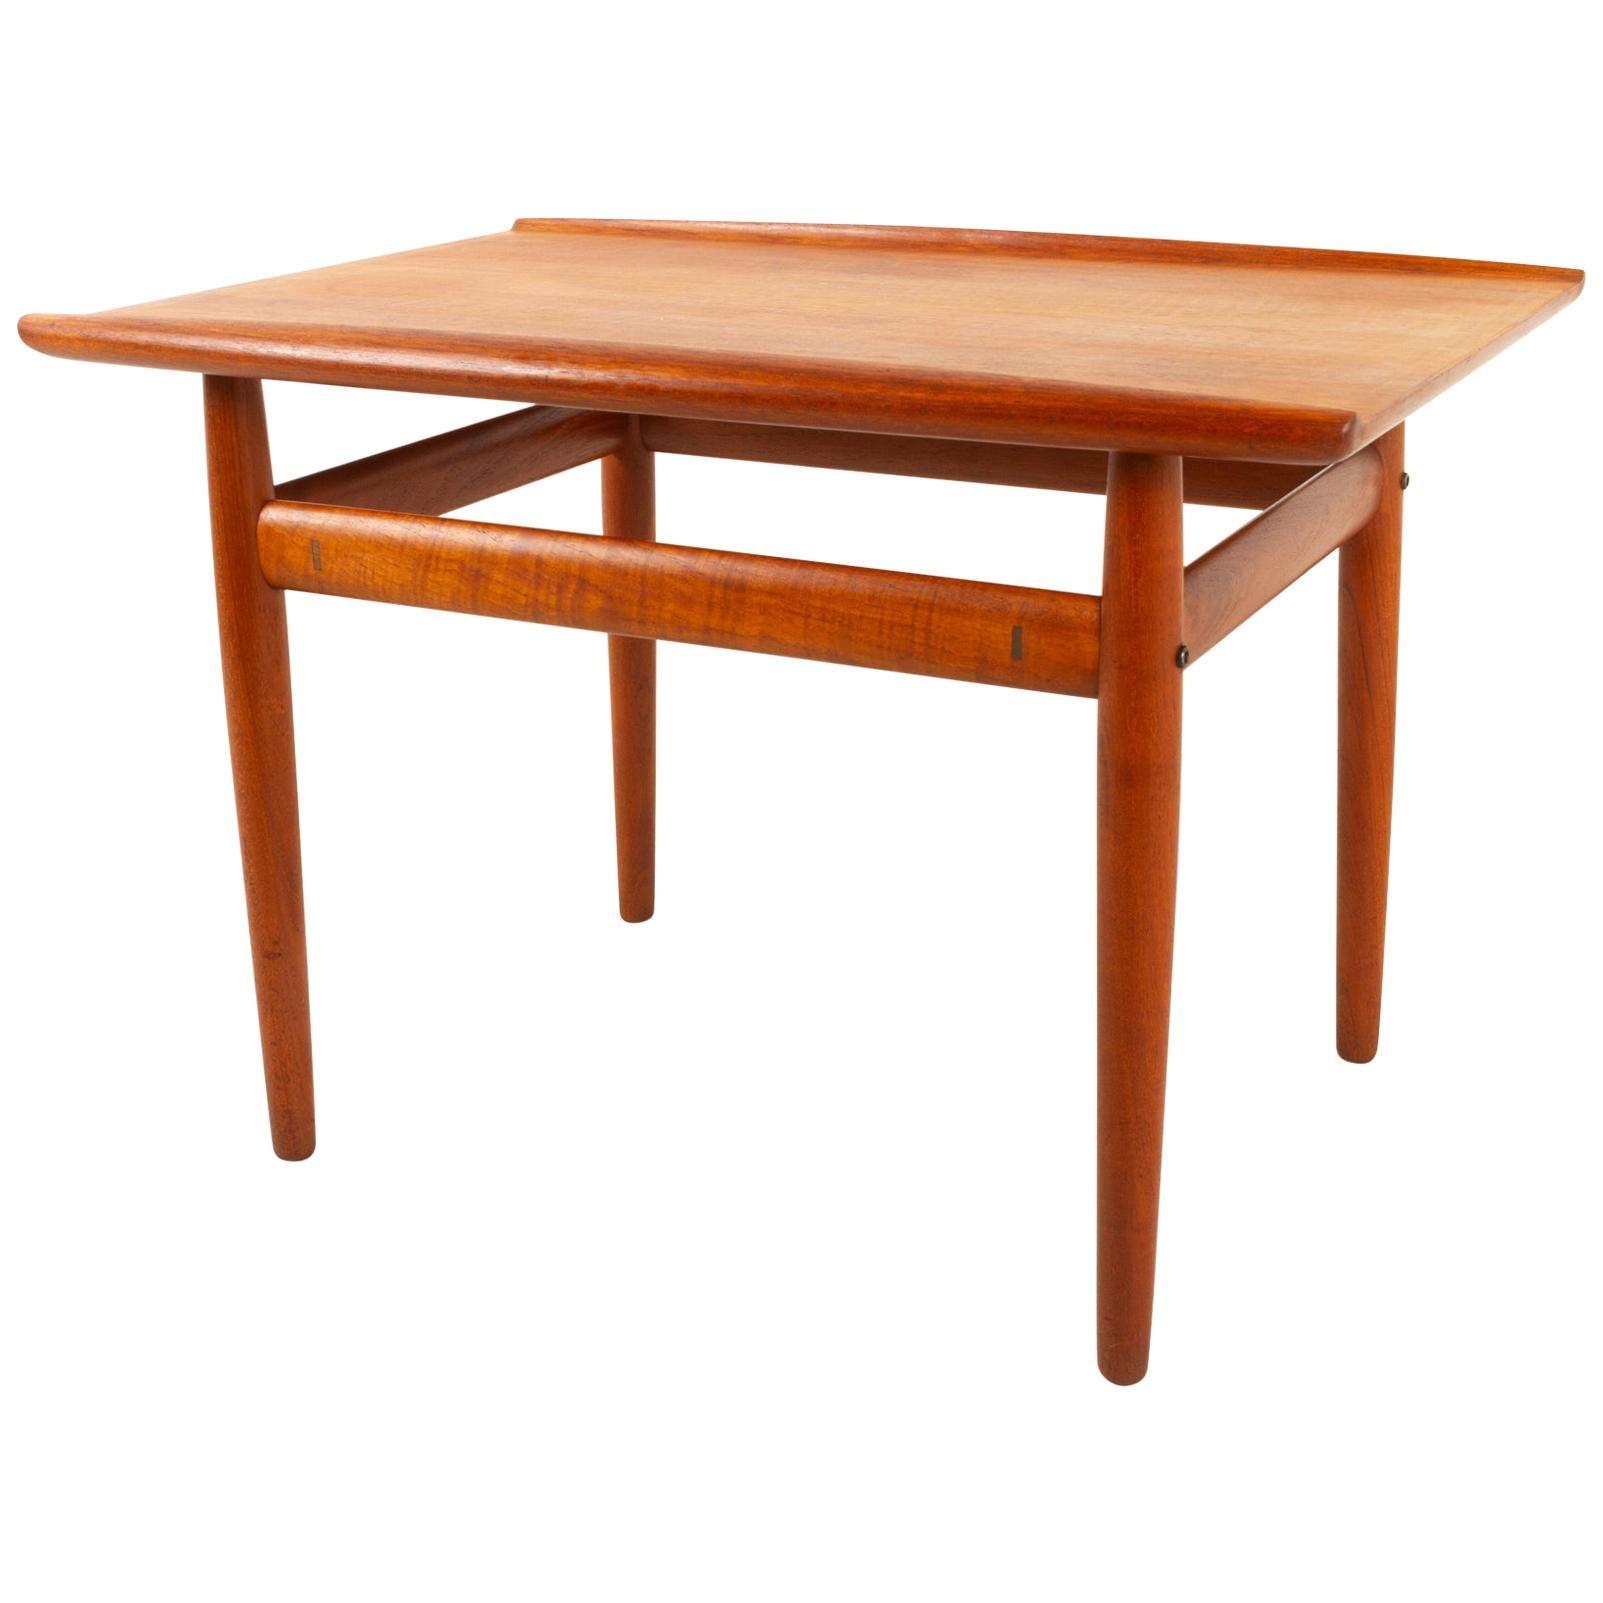 Vintage Danish Teak Side Table by Grete Jalk for Glostrup Møbelfabrik, 1960s